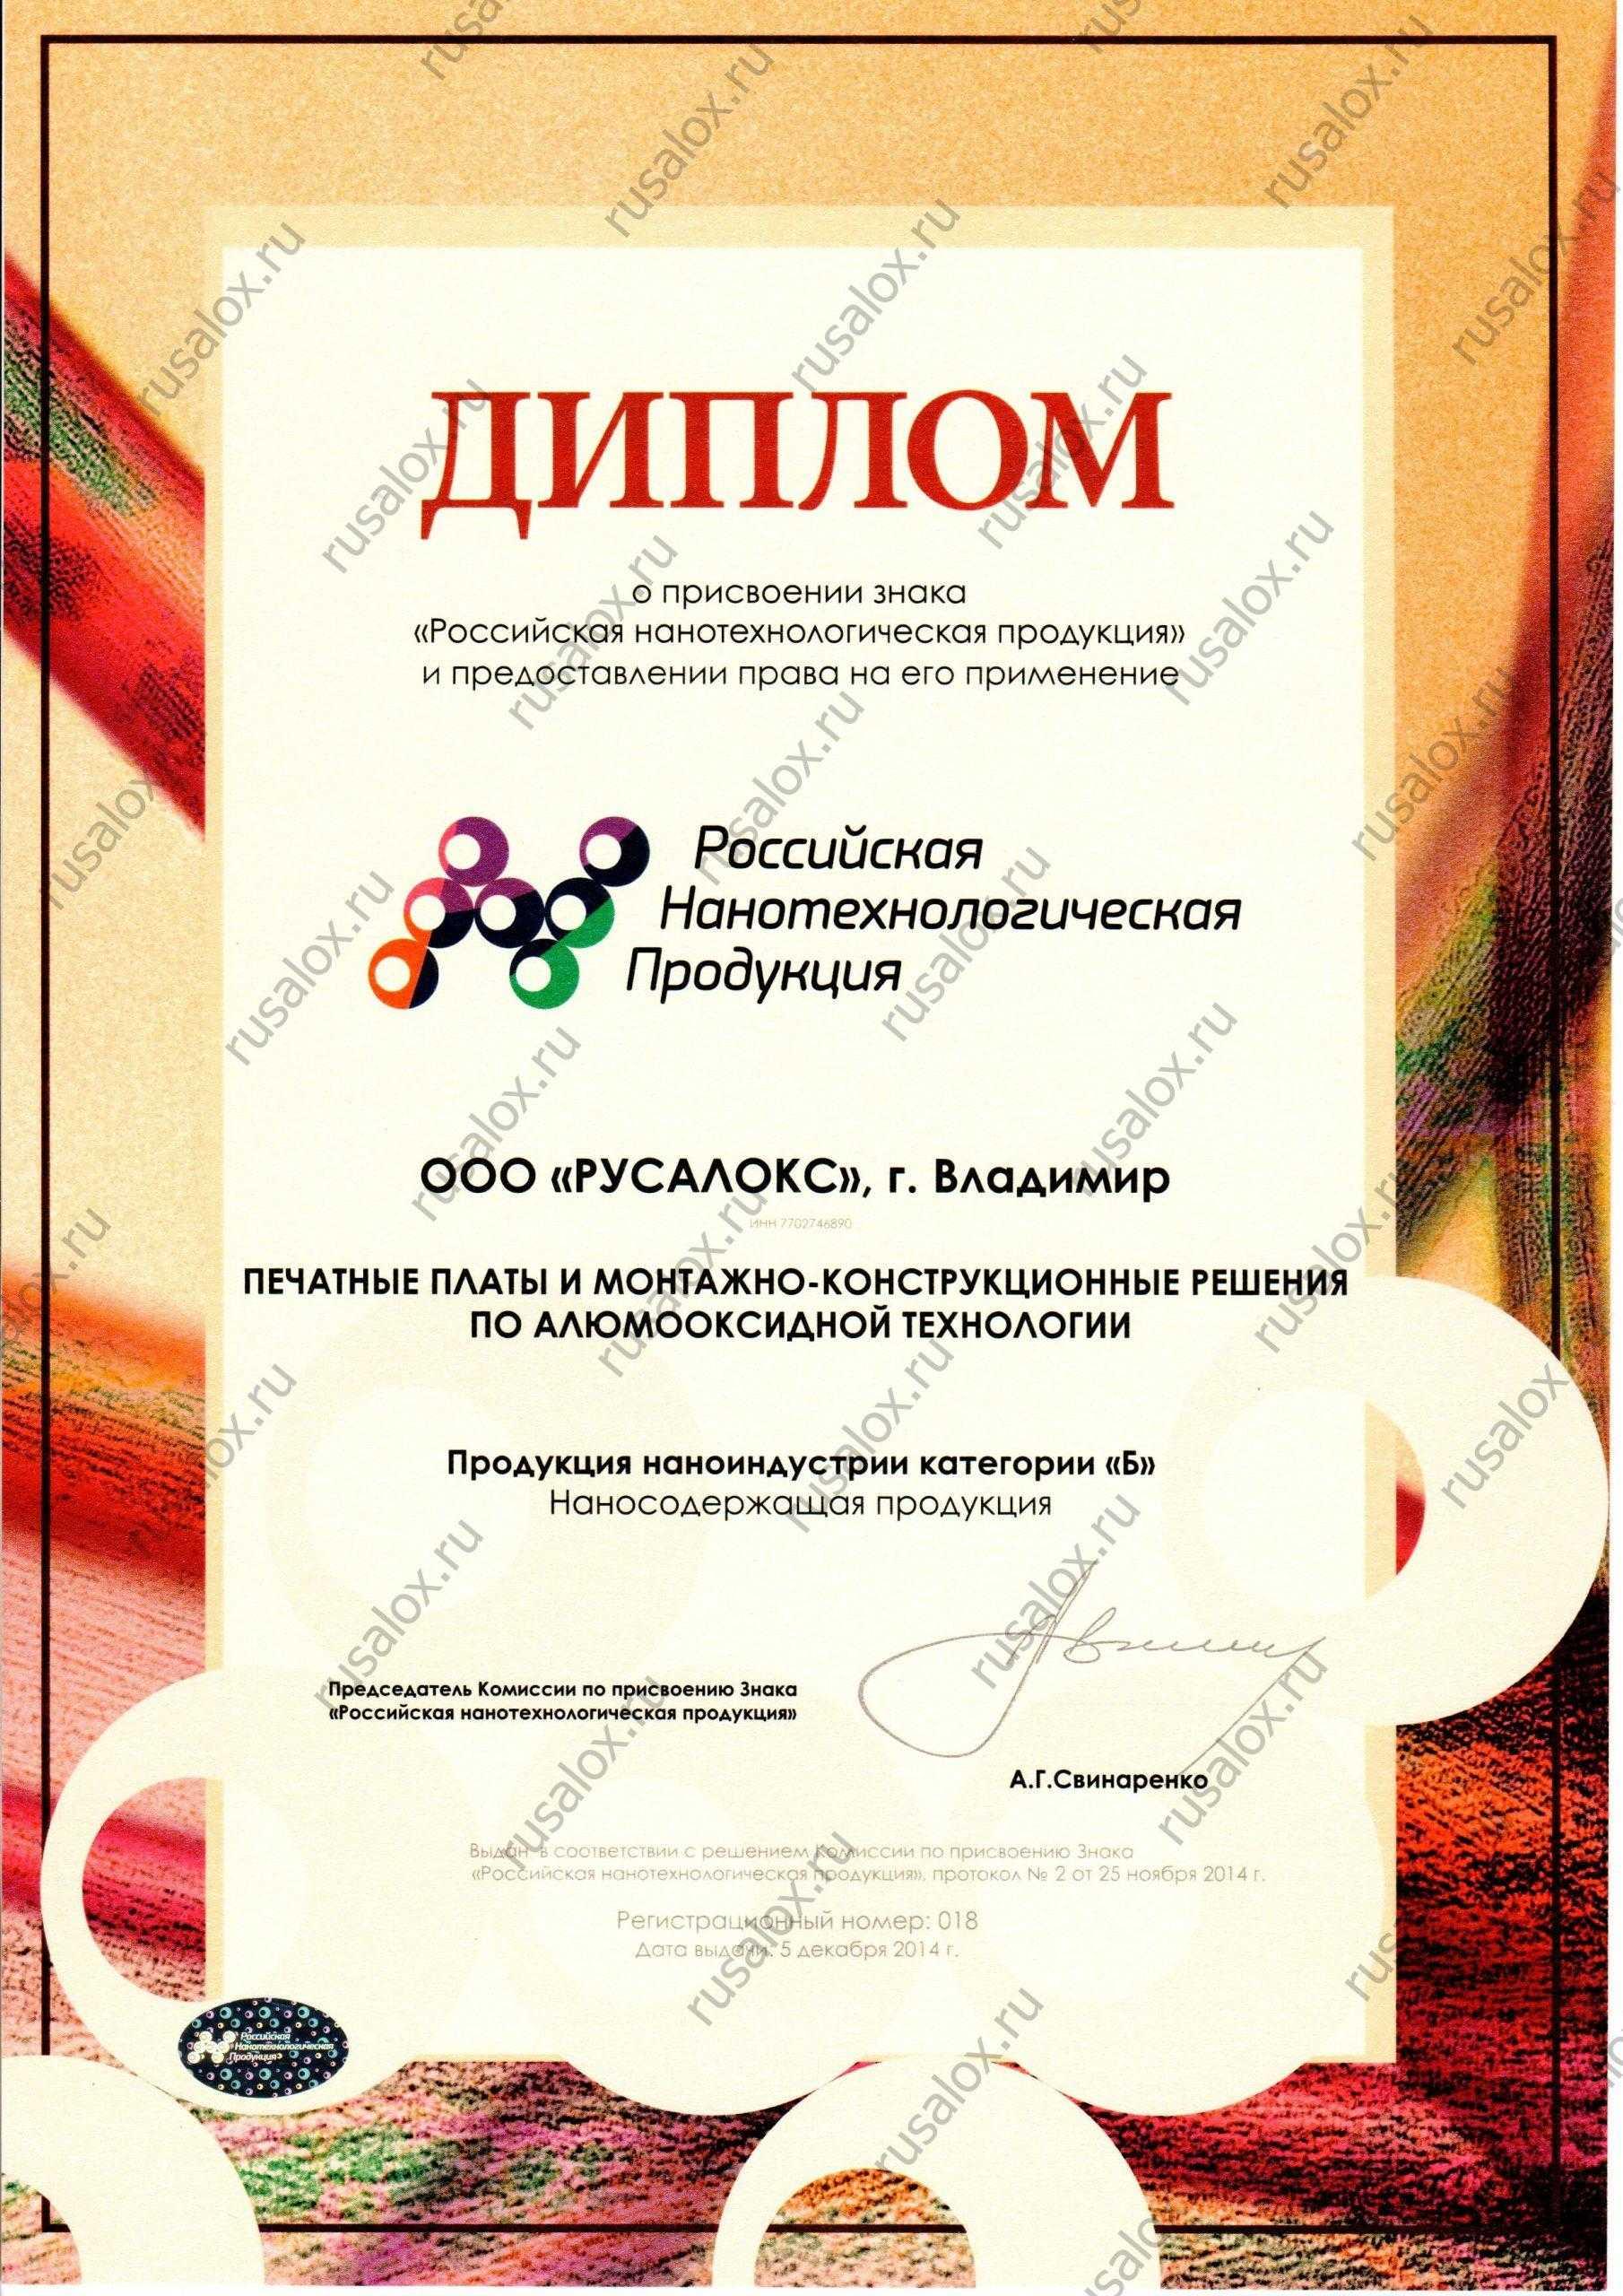 Диплом о присвоении знака «Российская нанотехнологическая продукция»